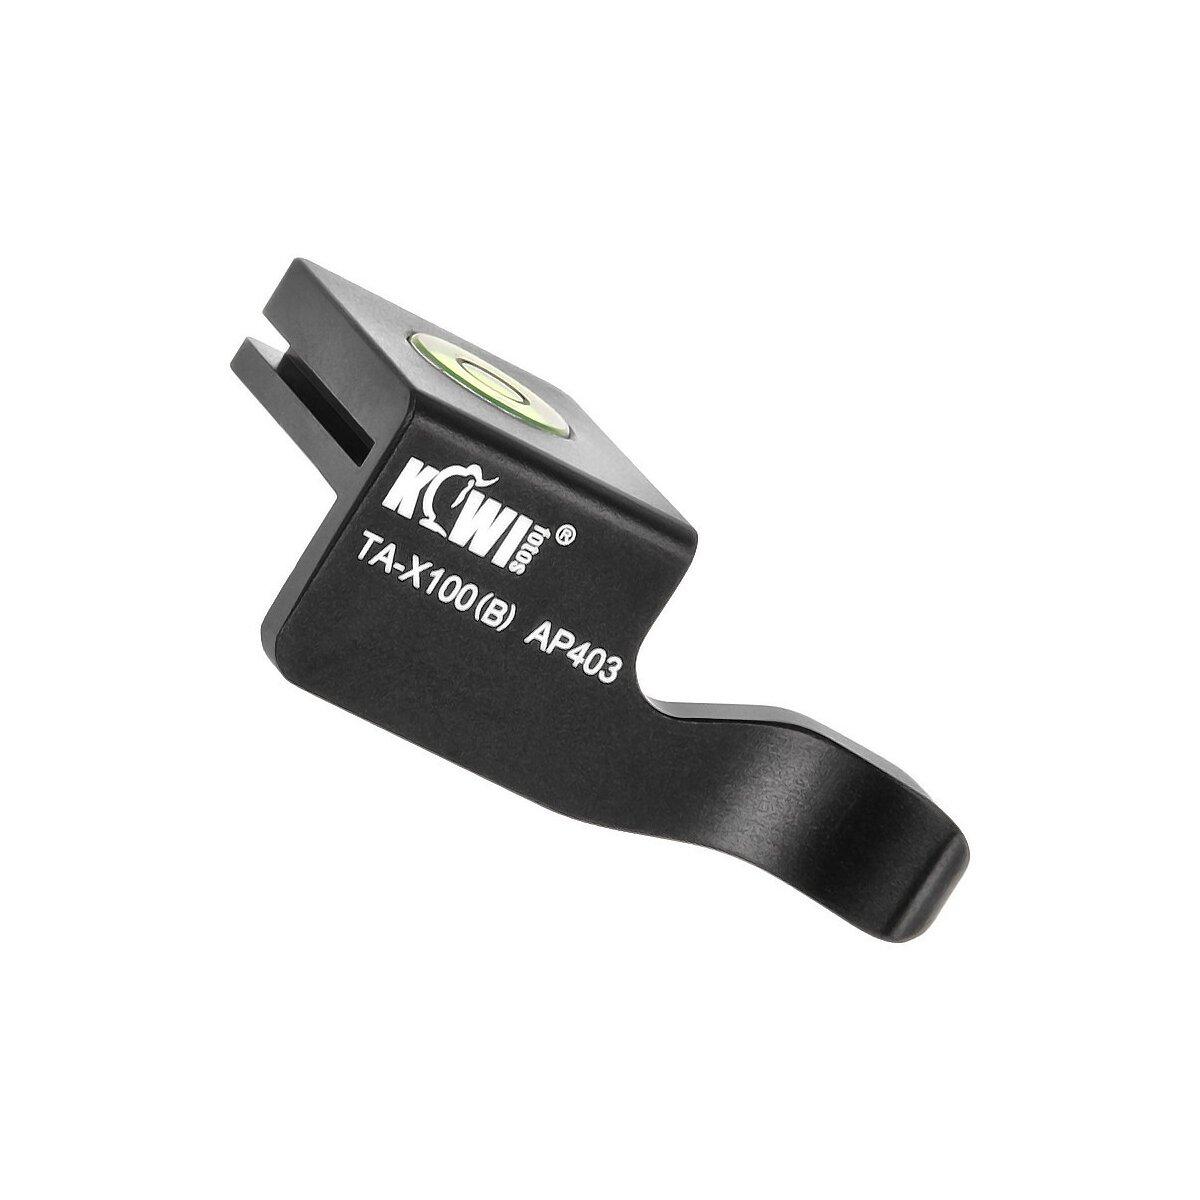 Kiwifoto Retro Daumenauflage in schwarz aus Aluminium kompatibel für Fujifilm Finepix X100 X100S - für einen sicheren Halt und trendigen Retro-Look